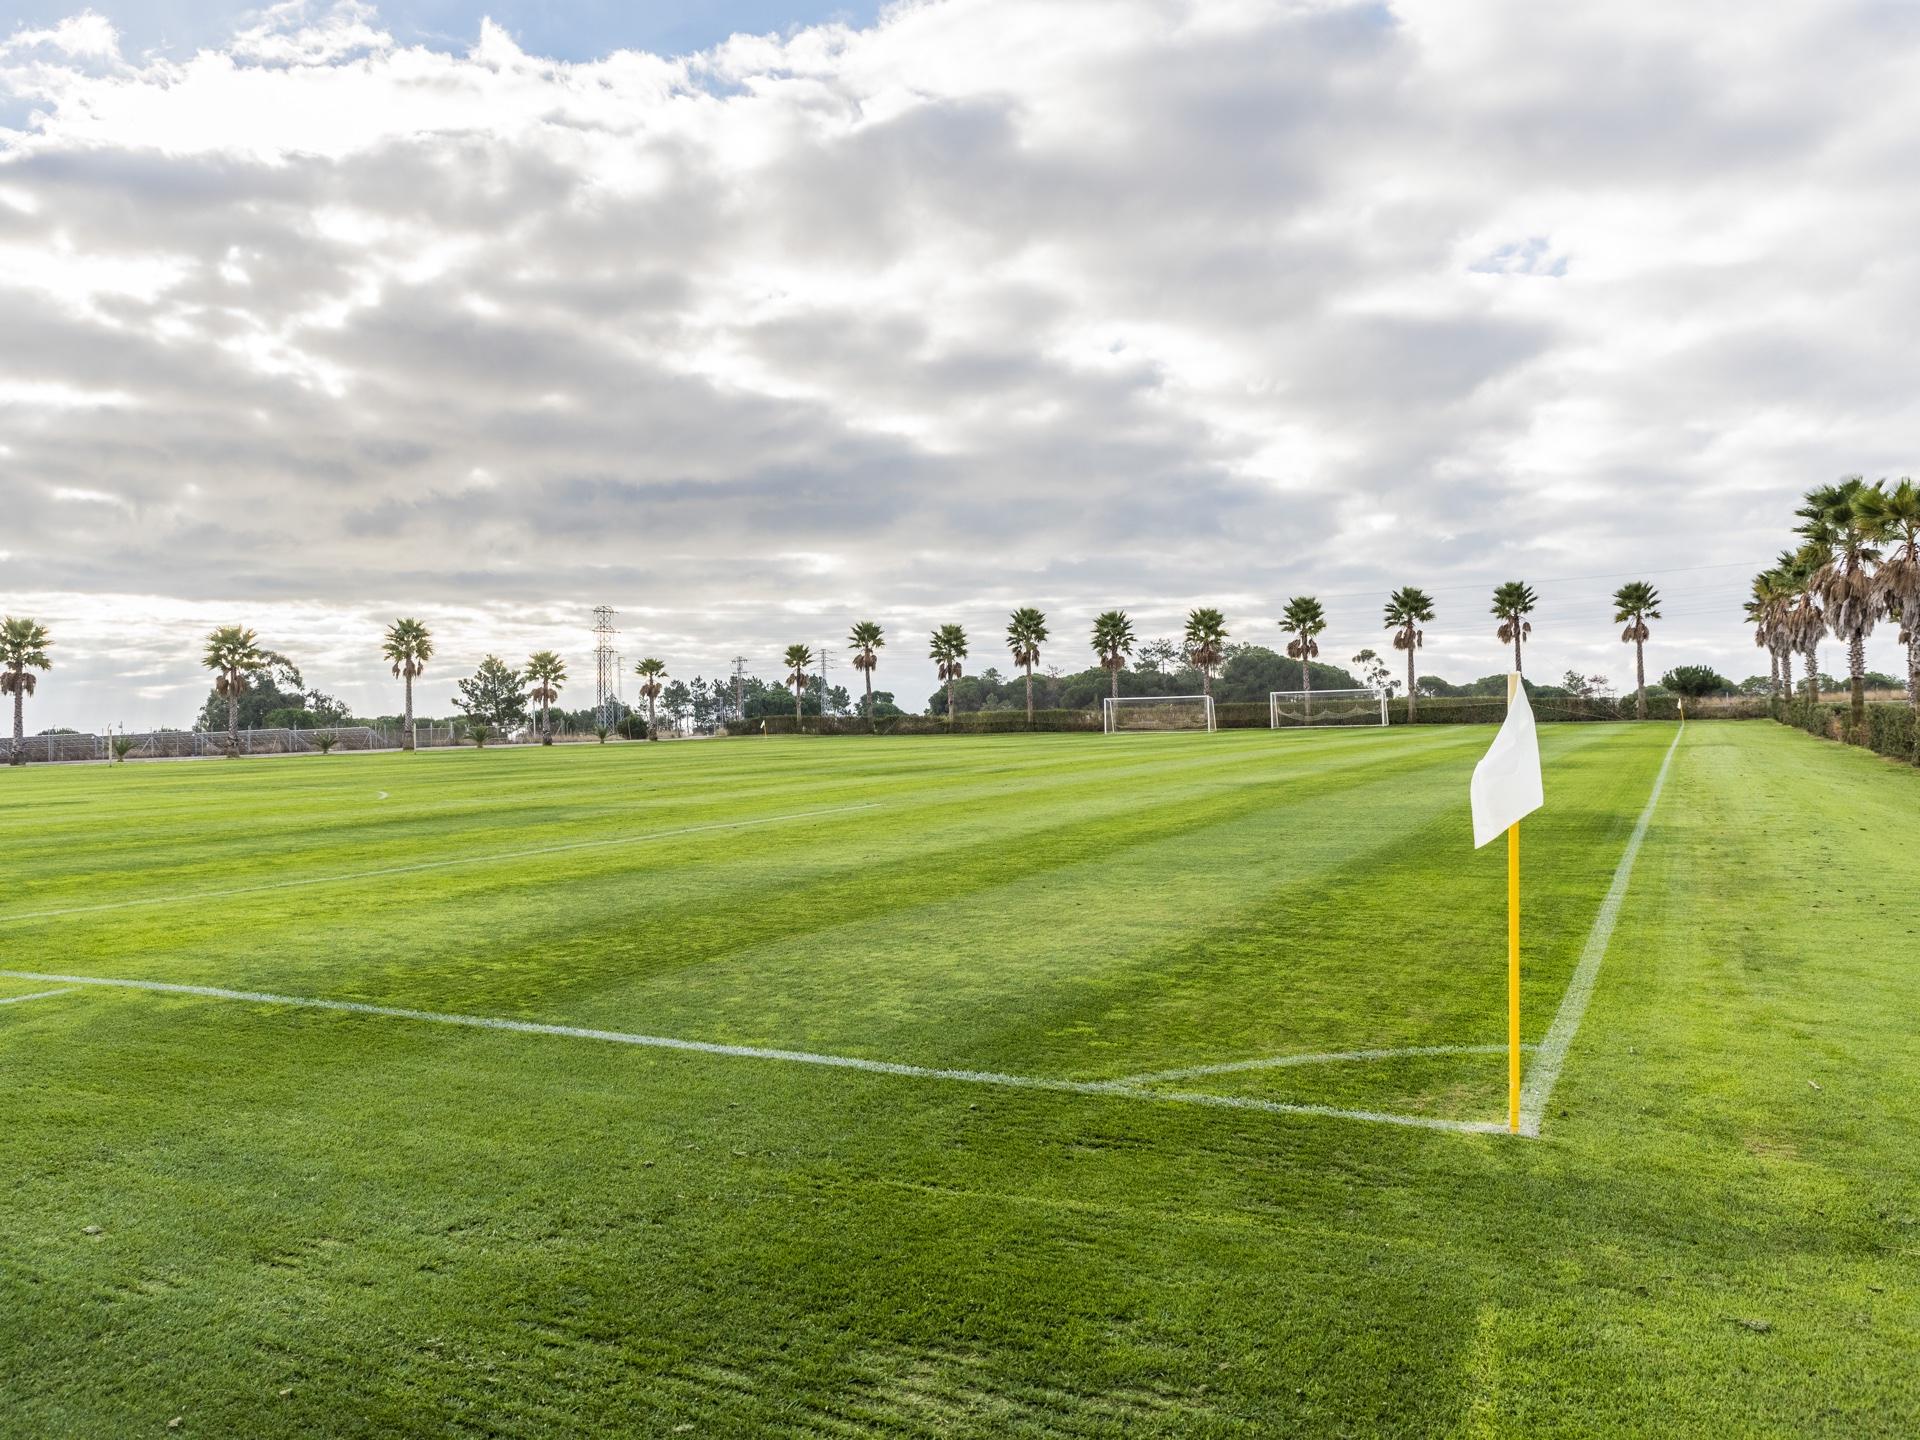 Islantilla pitch 2018 1